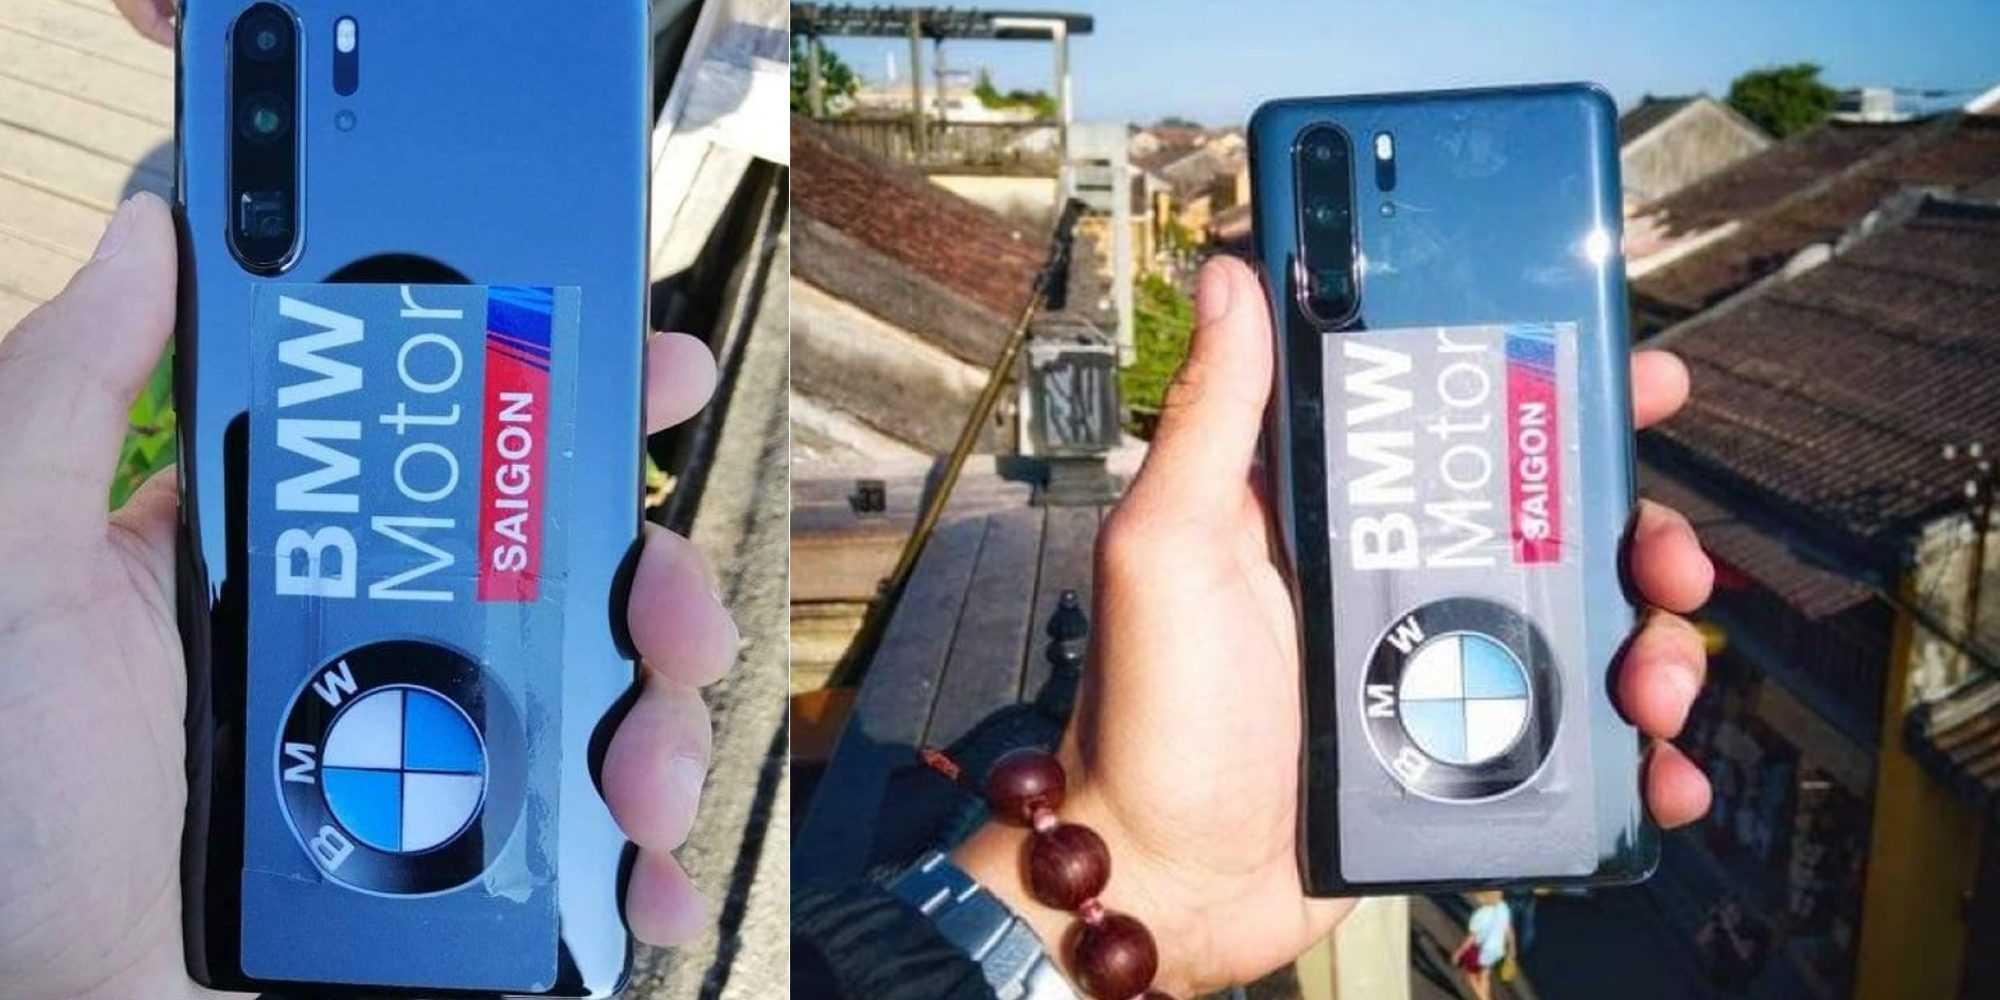 Лучшие смартфоны huawei на сегодня? как в париже прошла презентация новейших p30 и p30 pro. 21.by